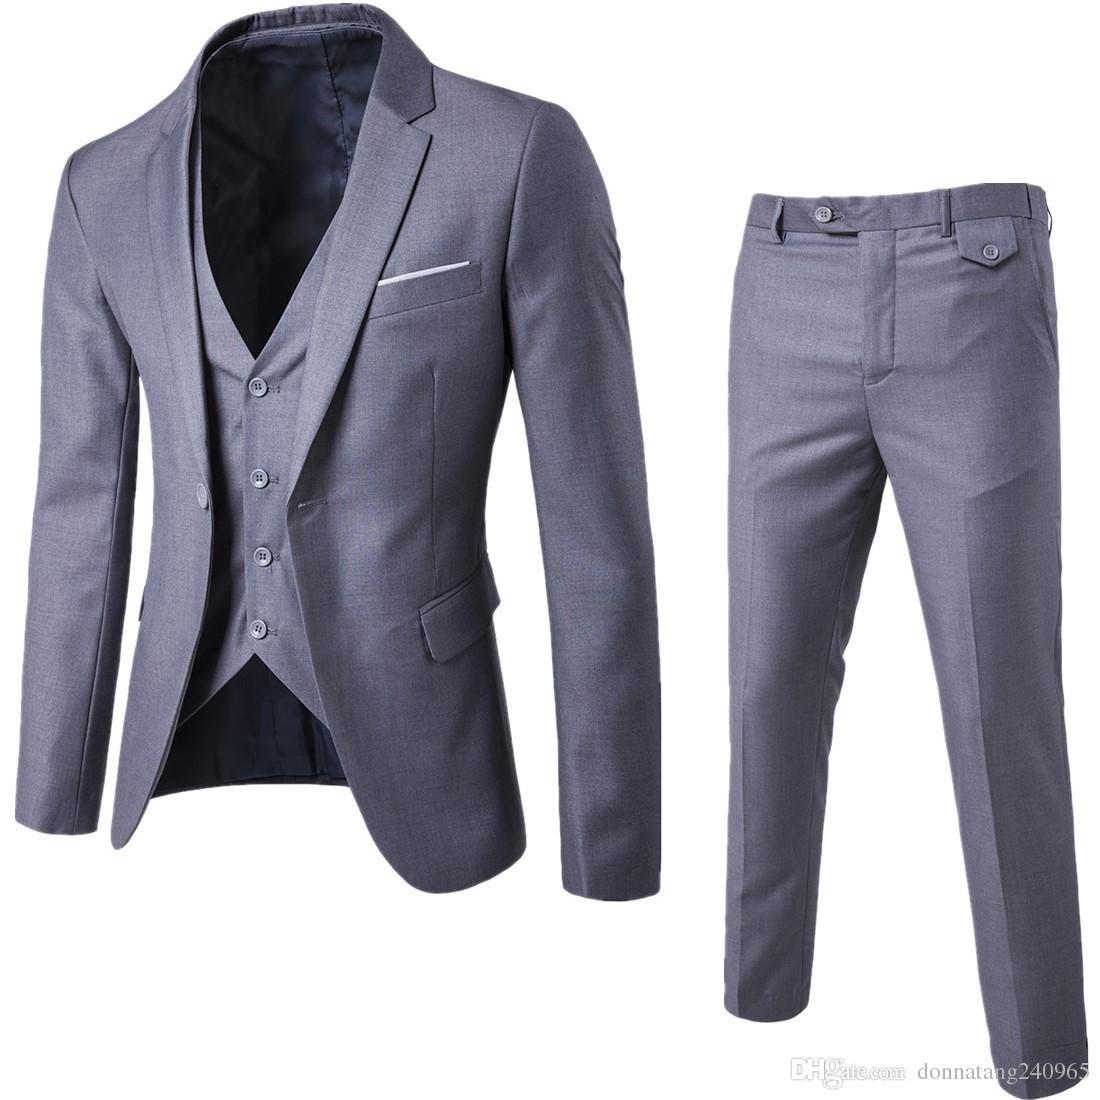 2018 2017 New Fashion Designer Men Suit Groom Tuxedos Groomsmen Side